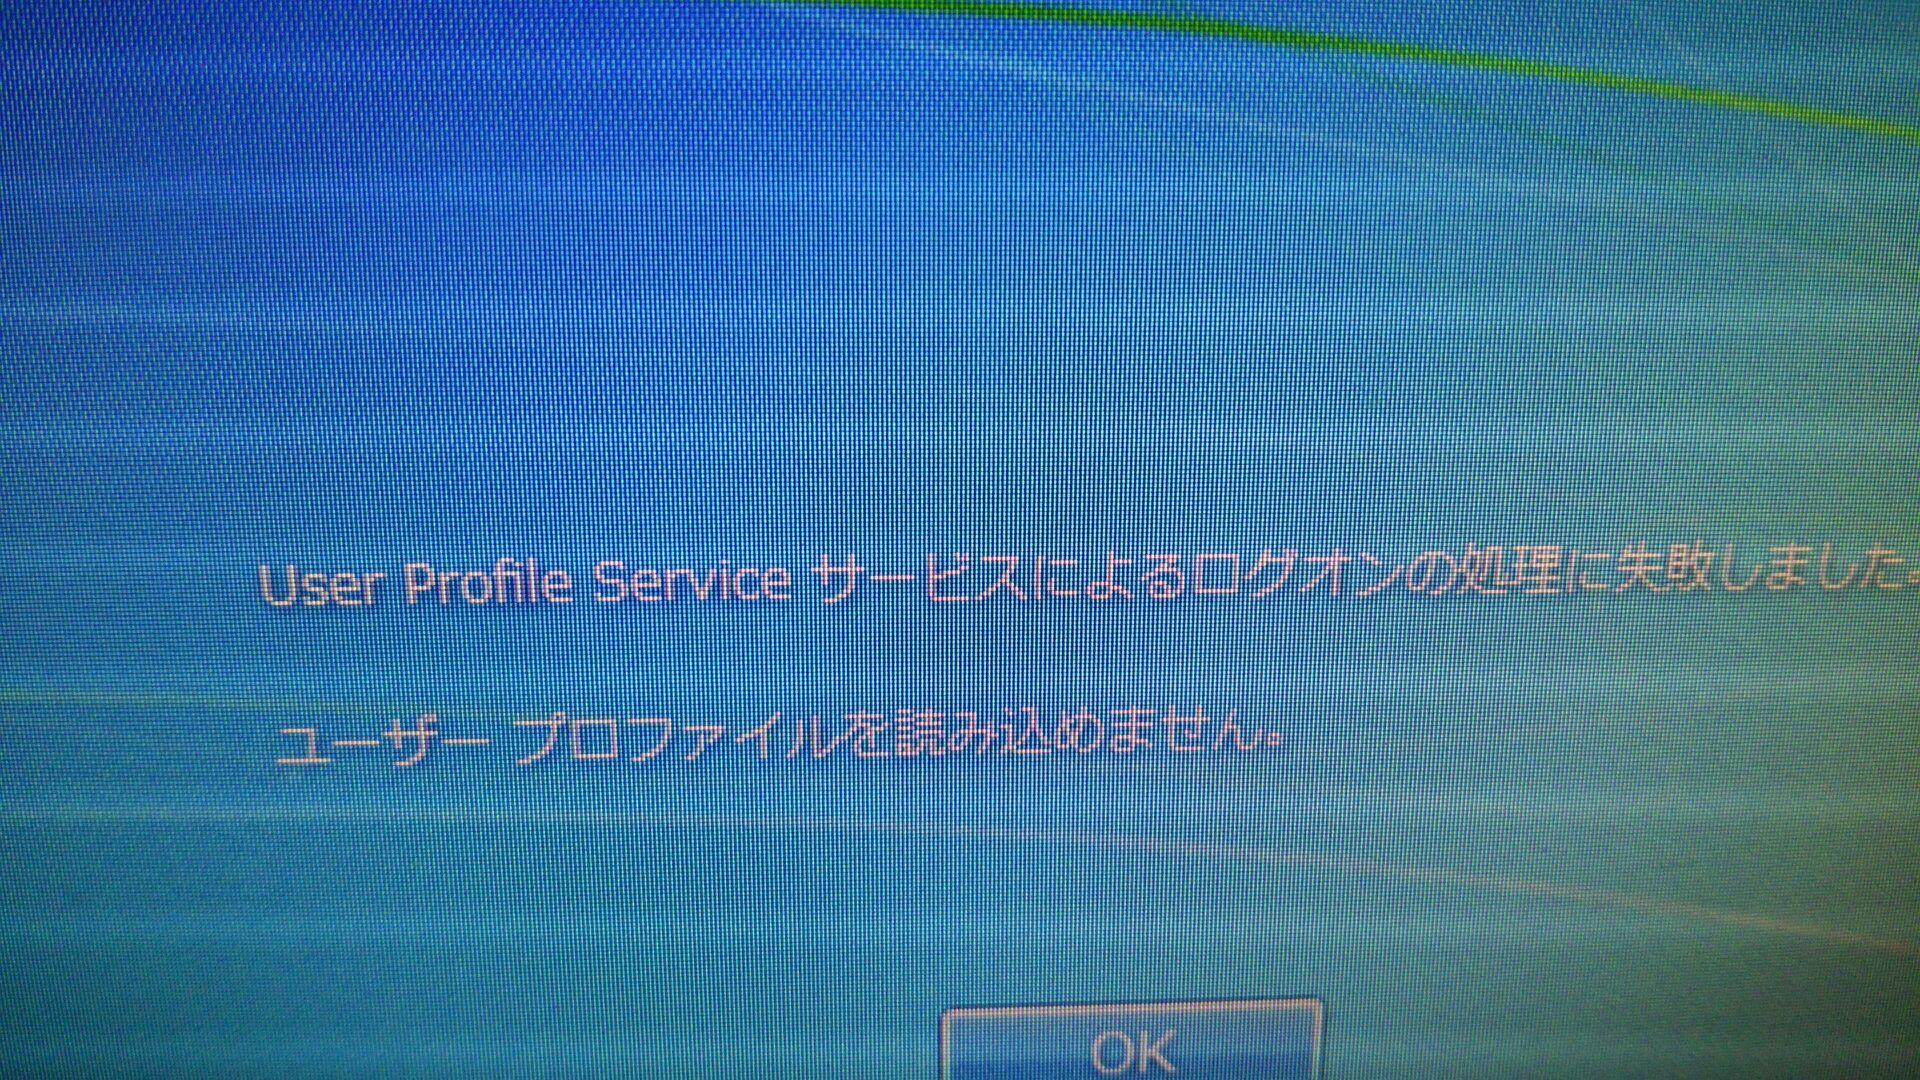 ユーザープロファイルを読み込めません